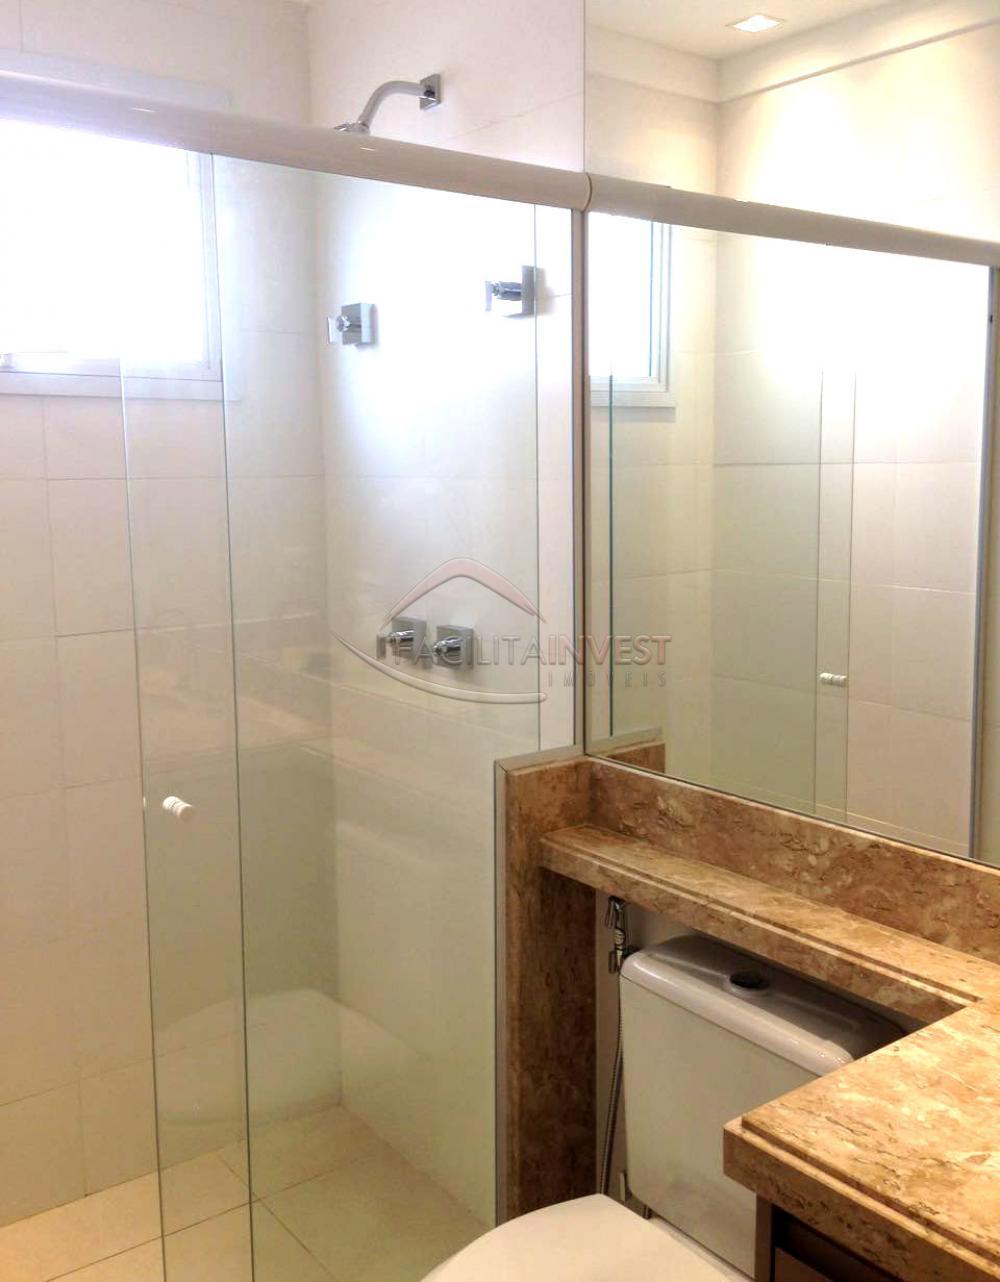 Comprar Lançamentos/ Empreendimentos em Construç / Apartamento padrão - Lançamento em Ribeirão Preto apenas R$ 950.567,00 - Foto 8